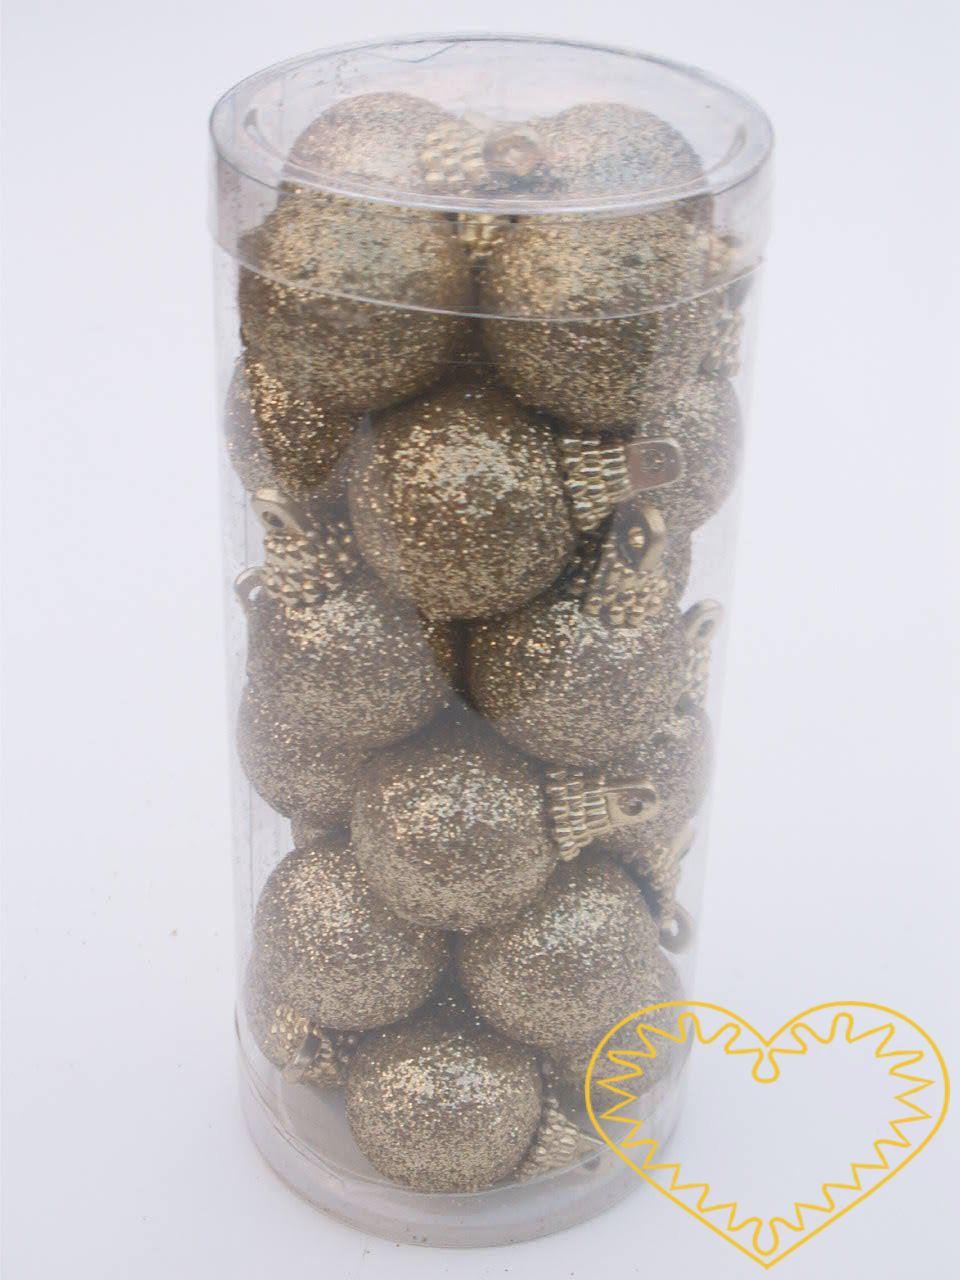 Zlaté koule závěsné - sada 24 ks. Plastové koule polepené stříbrnými glitry mají ø 2,5 cm. Každá koule má poutko k zavěšení. Materiál vhodný k tvorbě adventních a vánočních dekorací, věnců, svícnů apod. Lze použít i pro dekorace na hrob.